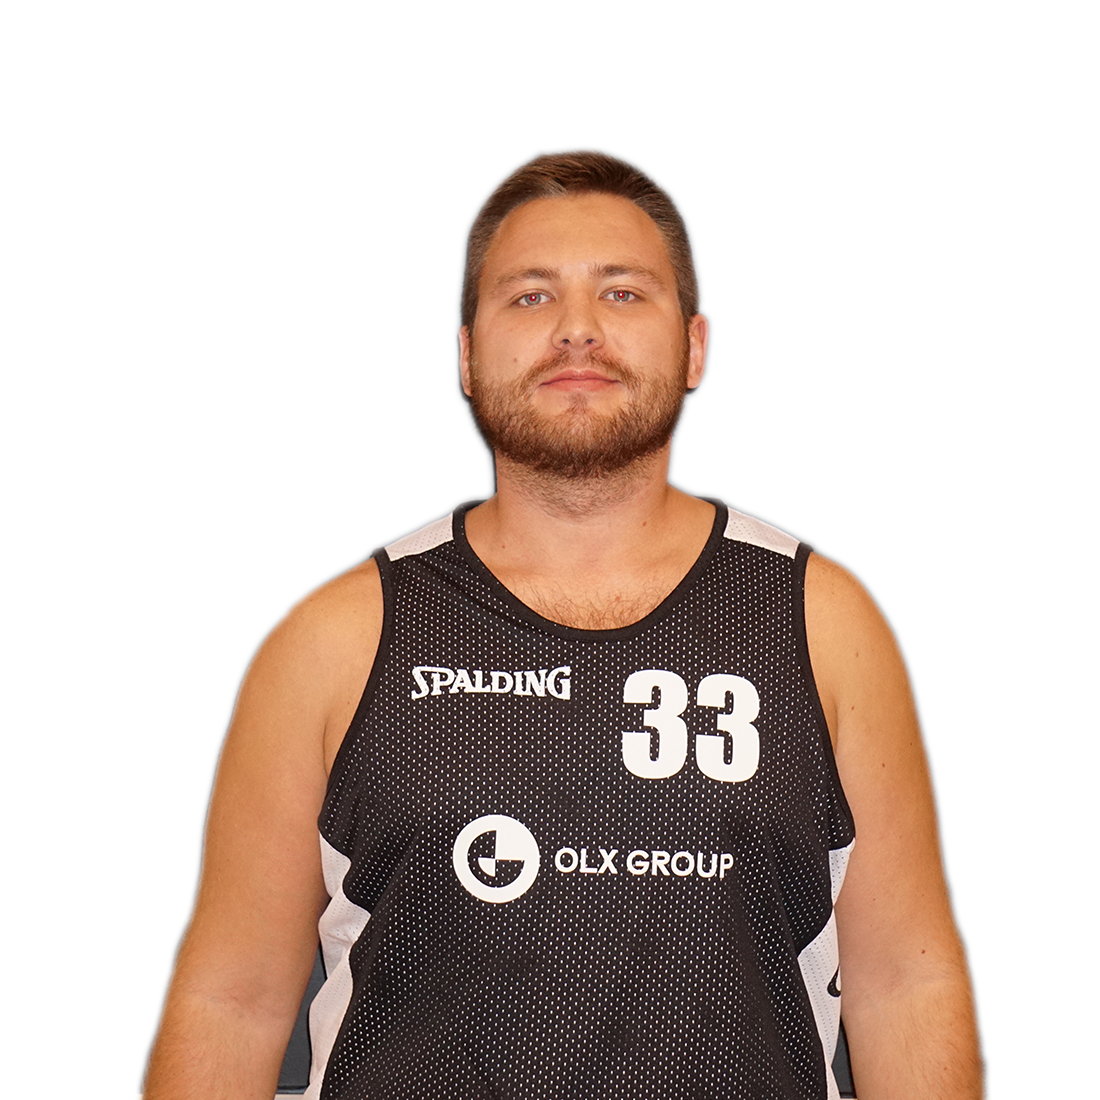 Maciej Sieraczkiewicz